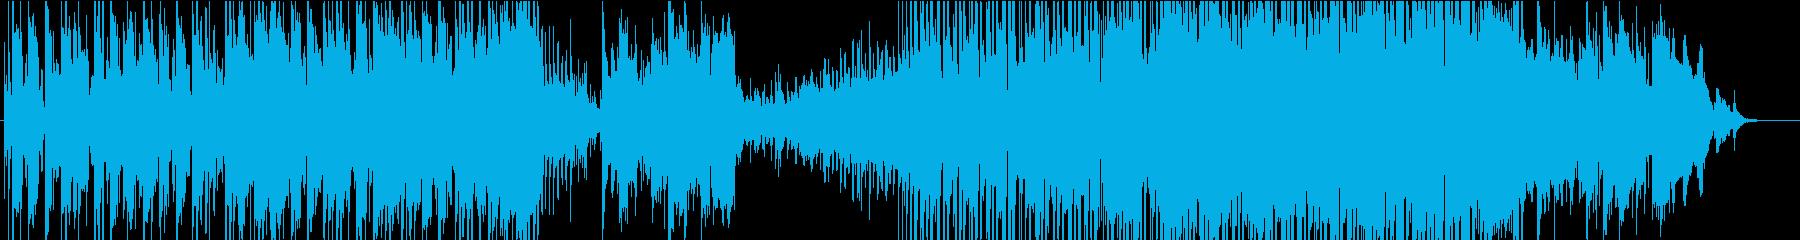 尺八を中心とした幻想的な和風BGMの再生済みの波形